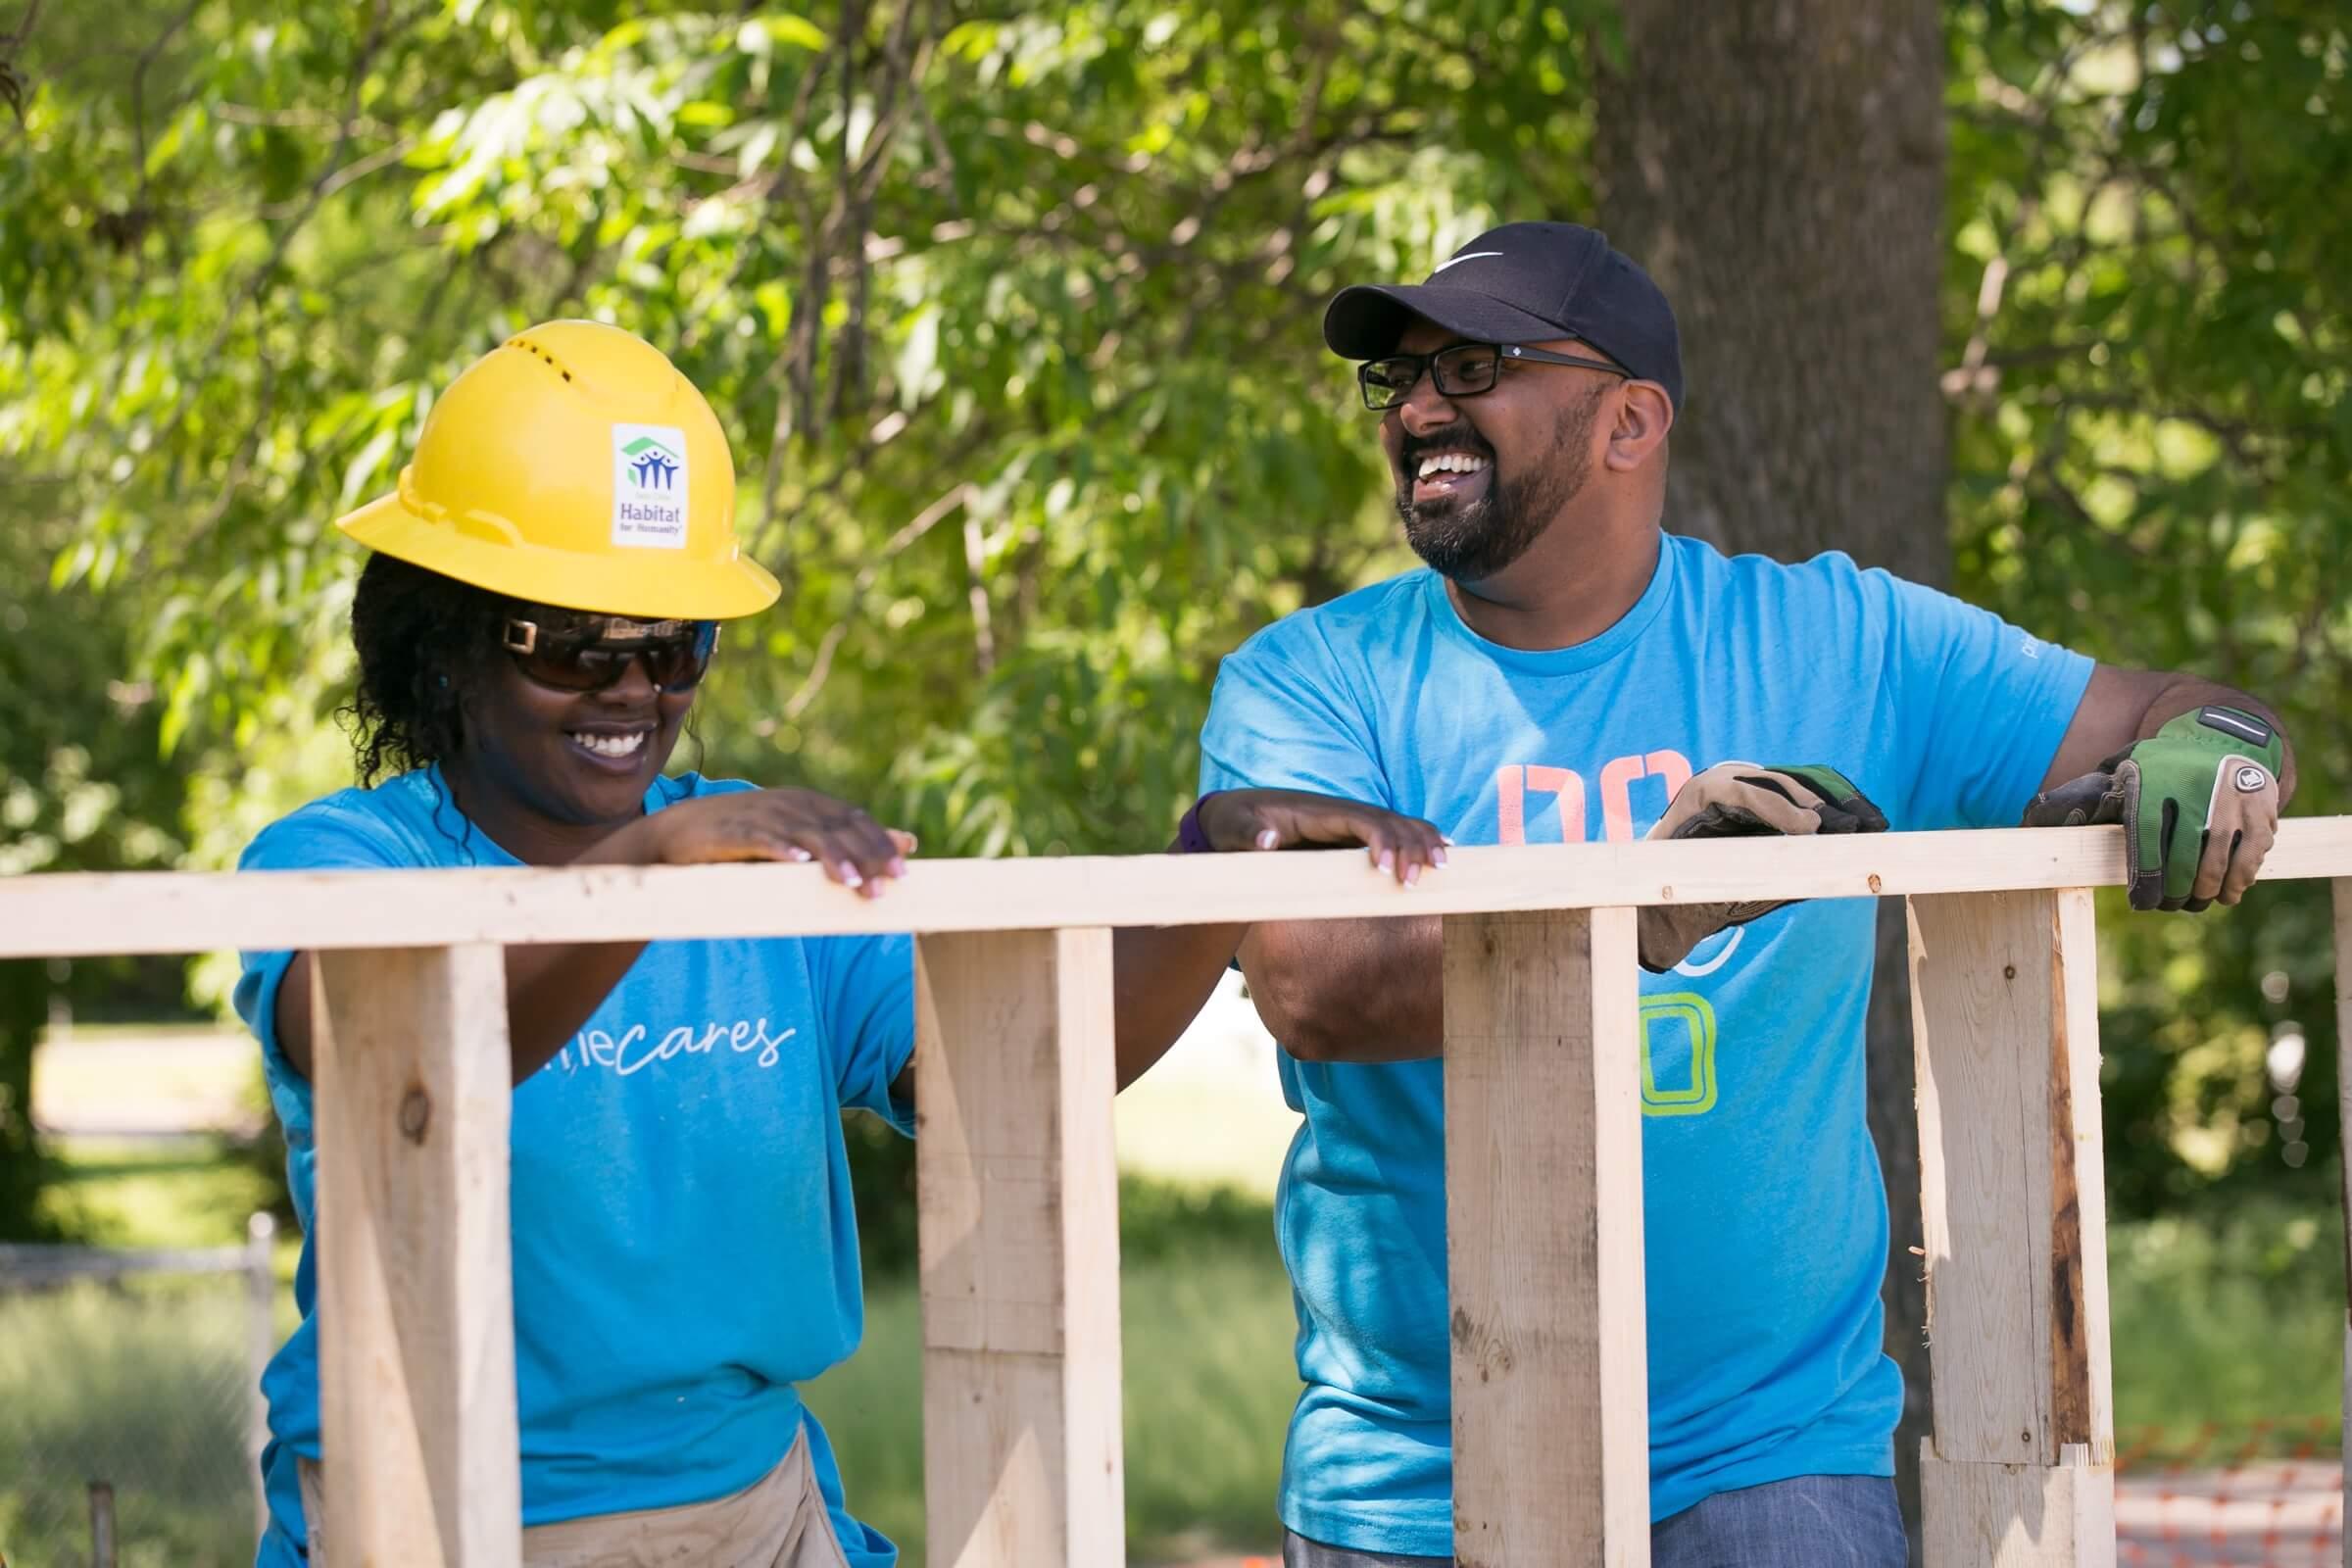 2 volunteers laughing (1)